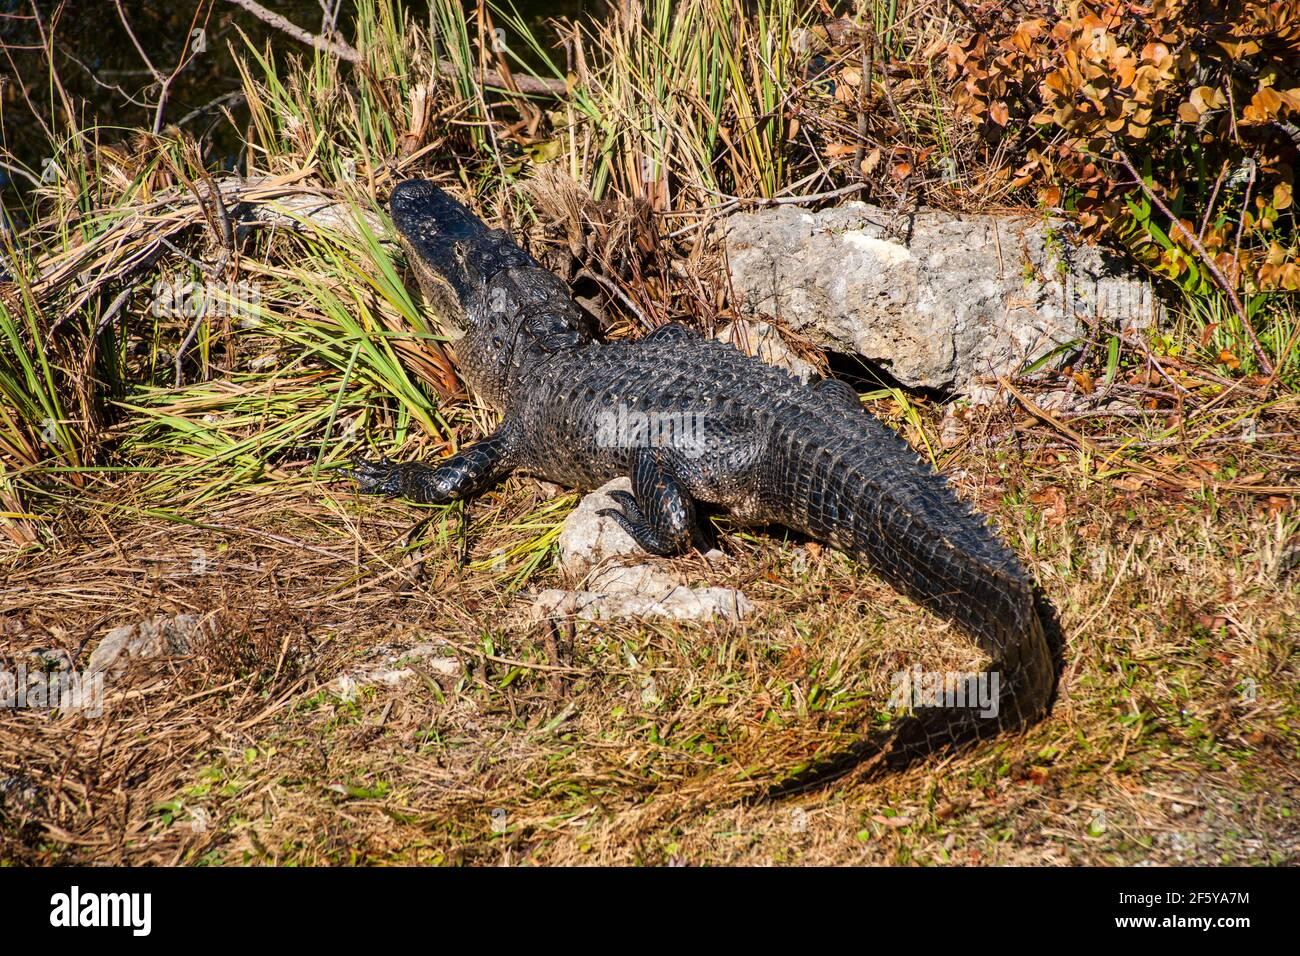 Un alligatore visto lungo un corso d'acqua a Shark Valley nel Parco Nazionale delle Everglades in Florida. Foto Stock